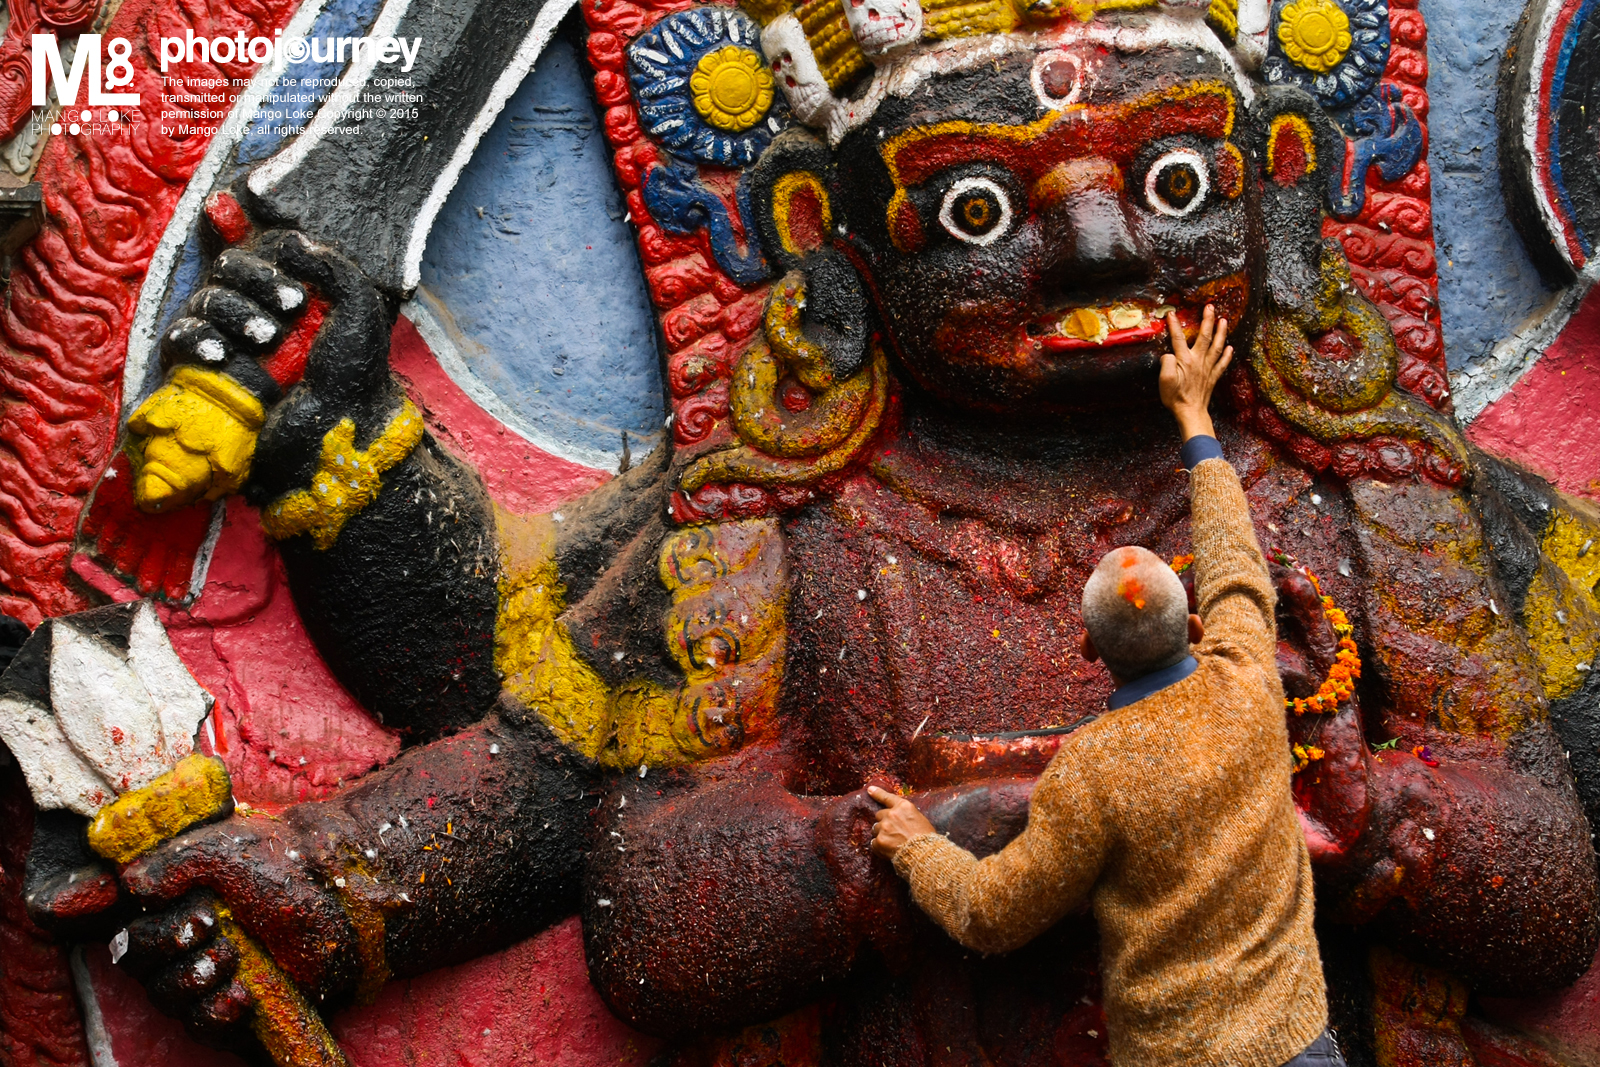 祭拜.The Praying 尼泊尔. Nepal. 2009 CANON1DMKIII 70-200MM F2.8L 1/250 F4.0 ISO200  相片回顾,当年的尼泊尔之旅. 希望尼泊尔早日康复.